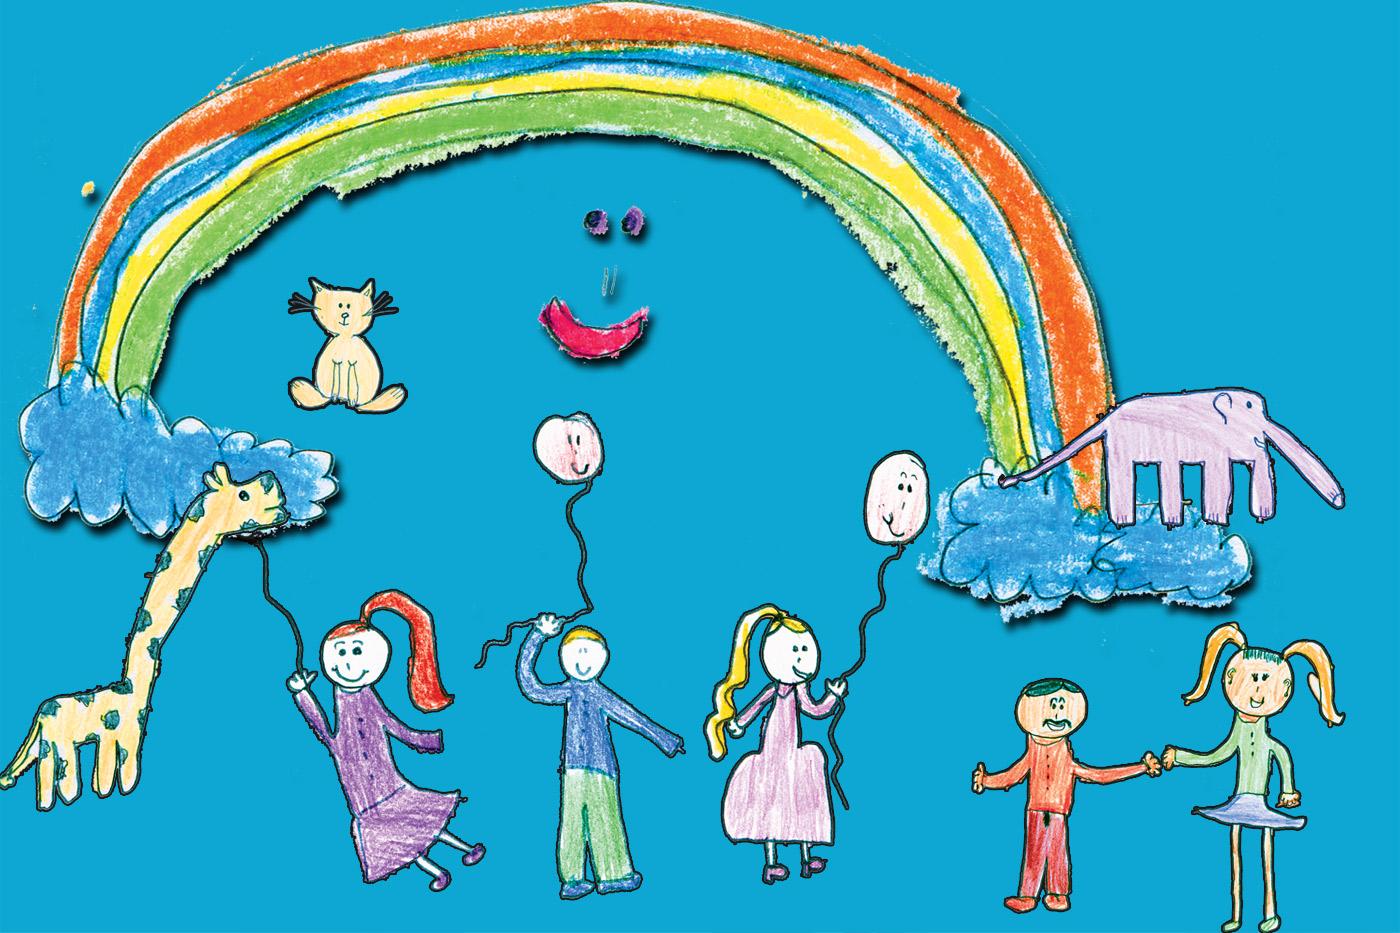 Çocuk psikolojisinde renklerin önemi